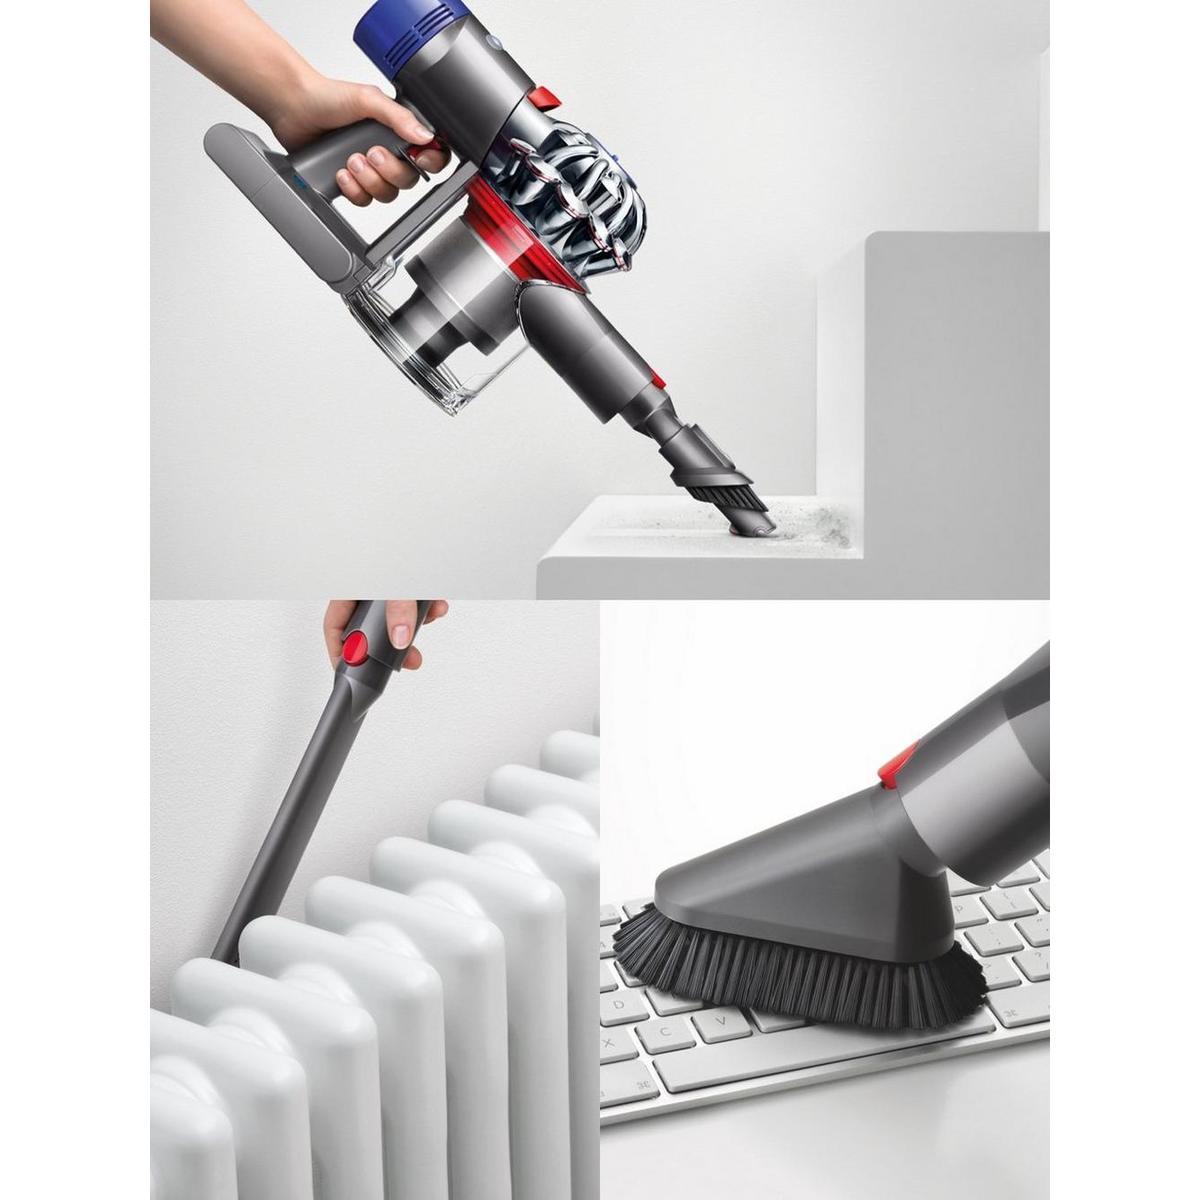 Dyson V7 ANIMAL KIT Cordless Vacuum Cleaner